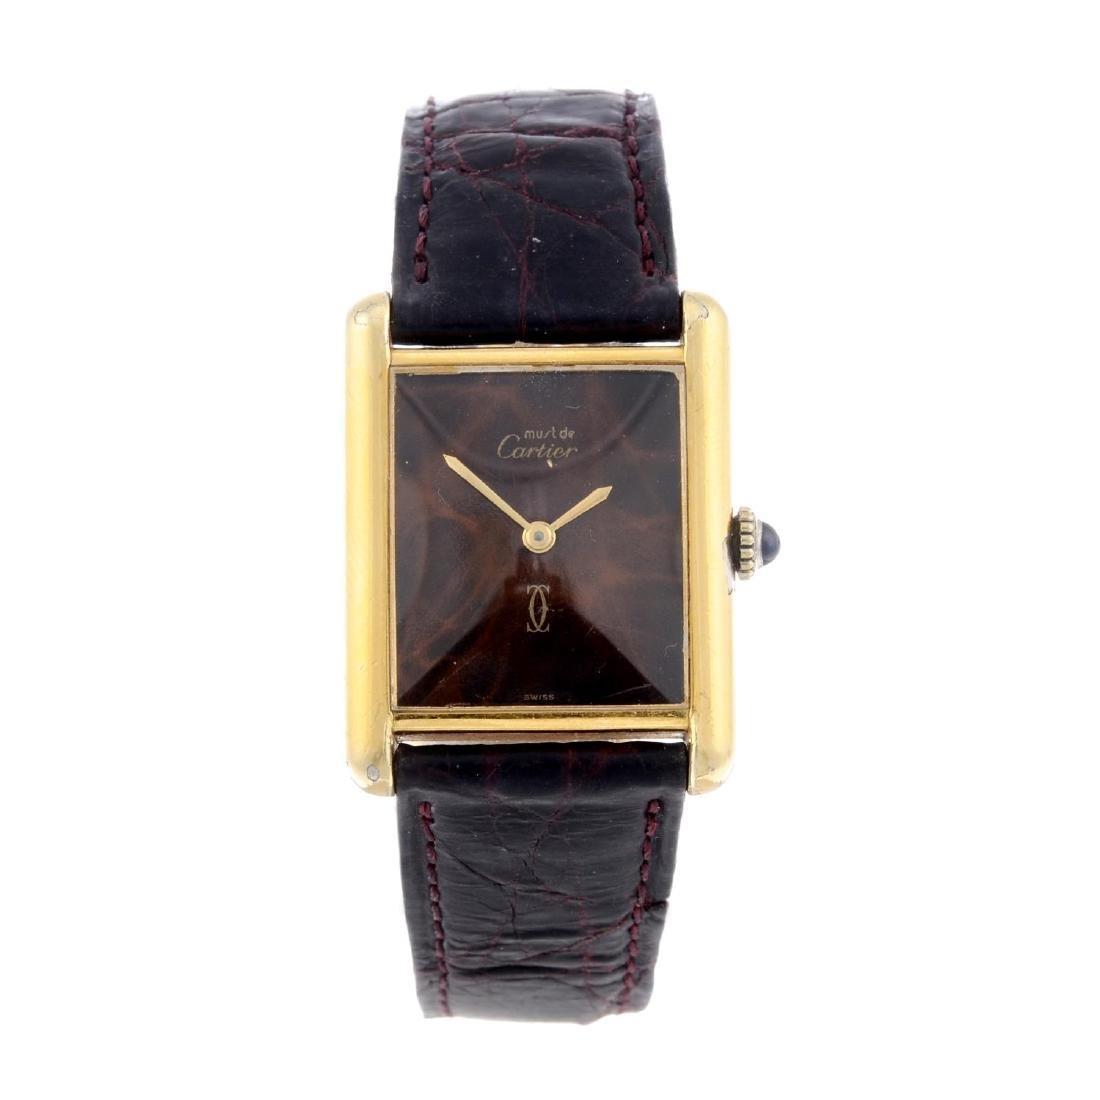 CARTIER - a Must De Cartier Tank wrist watch. Gold